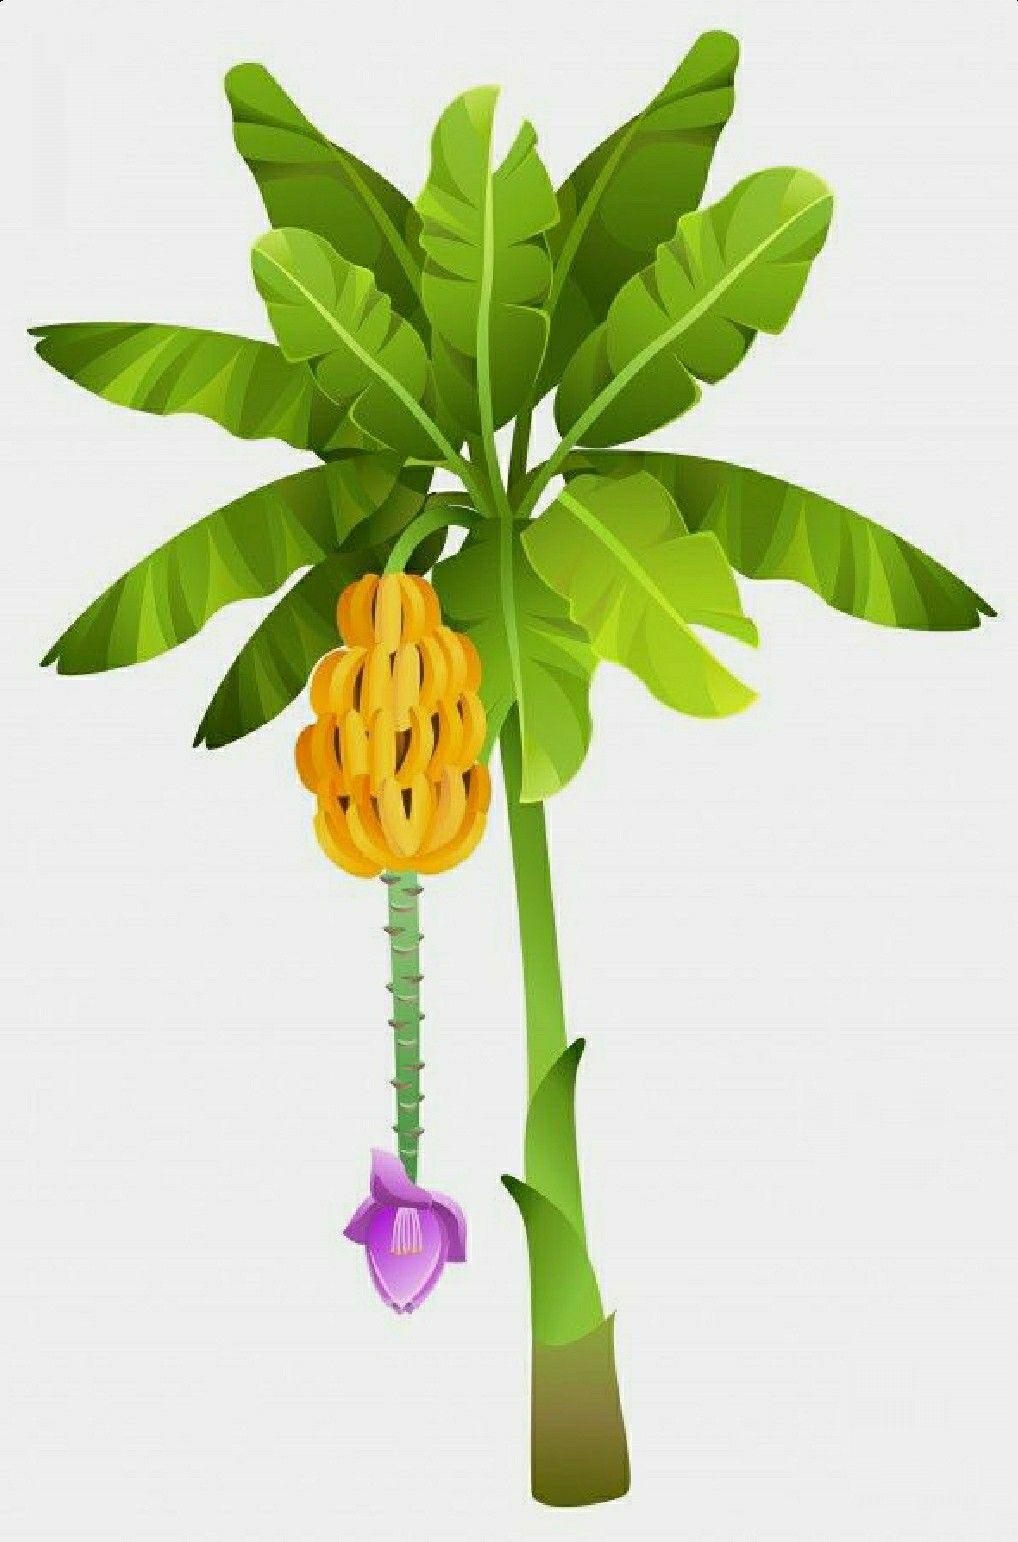 Pin By Hi On Chicken Coop Banana Tree Cartoon Banana Tropical